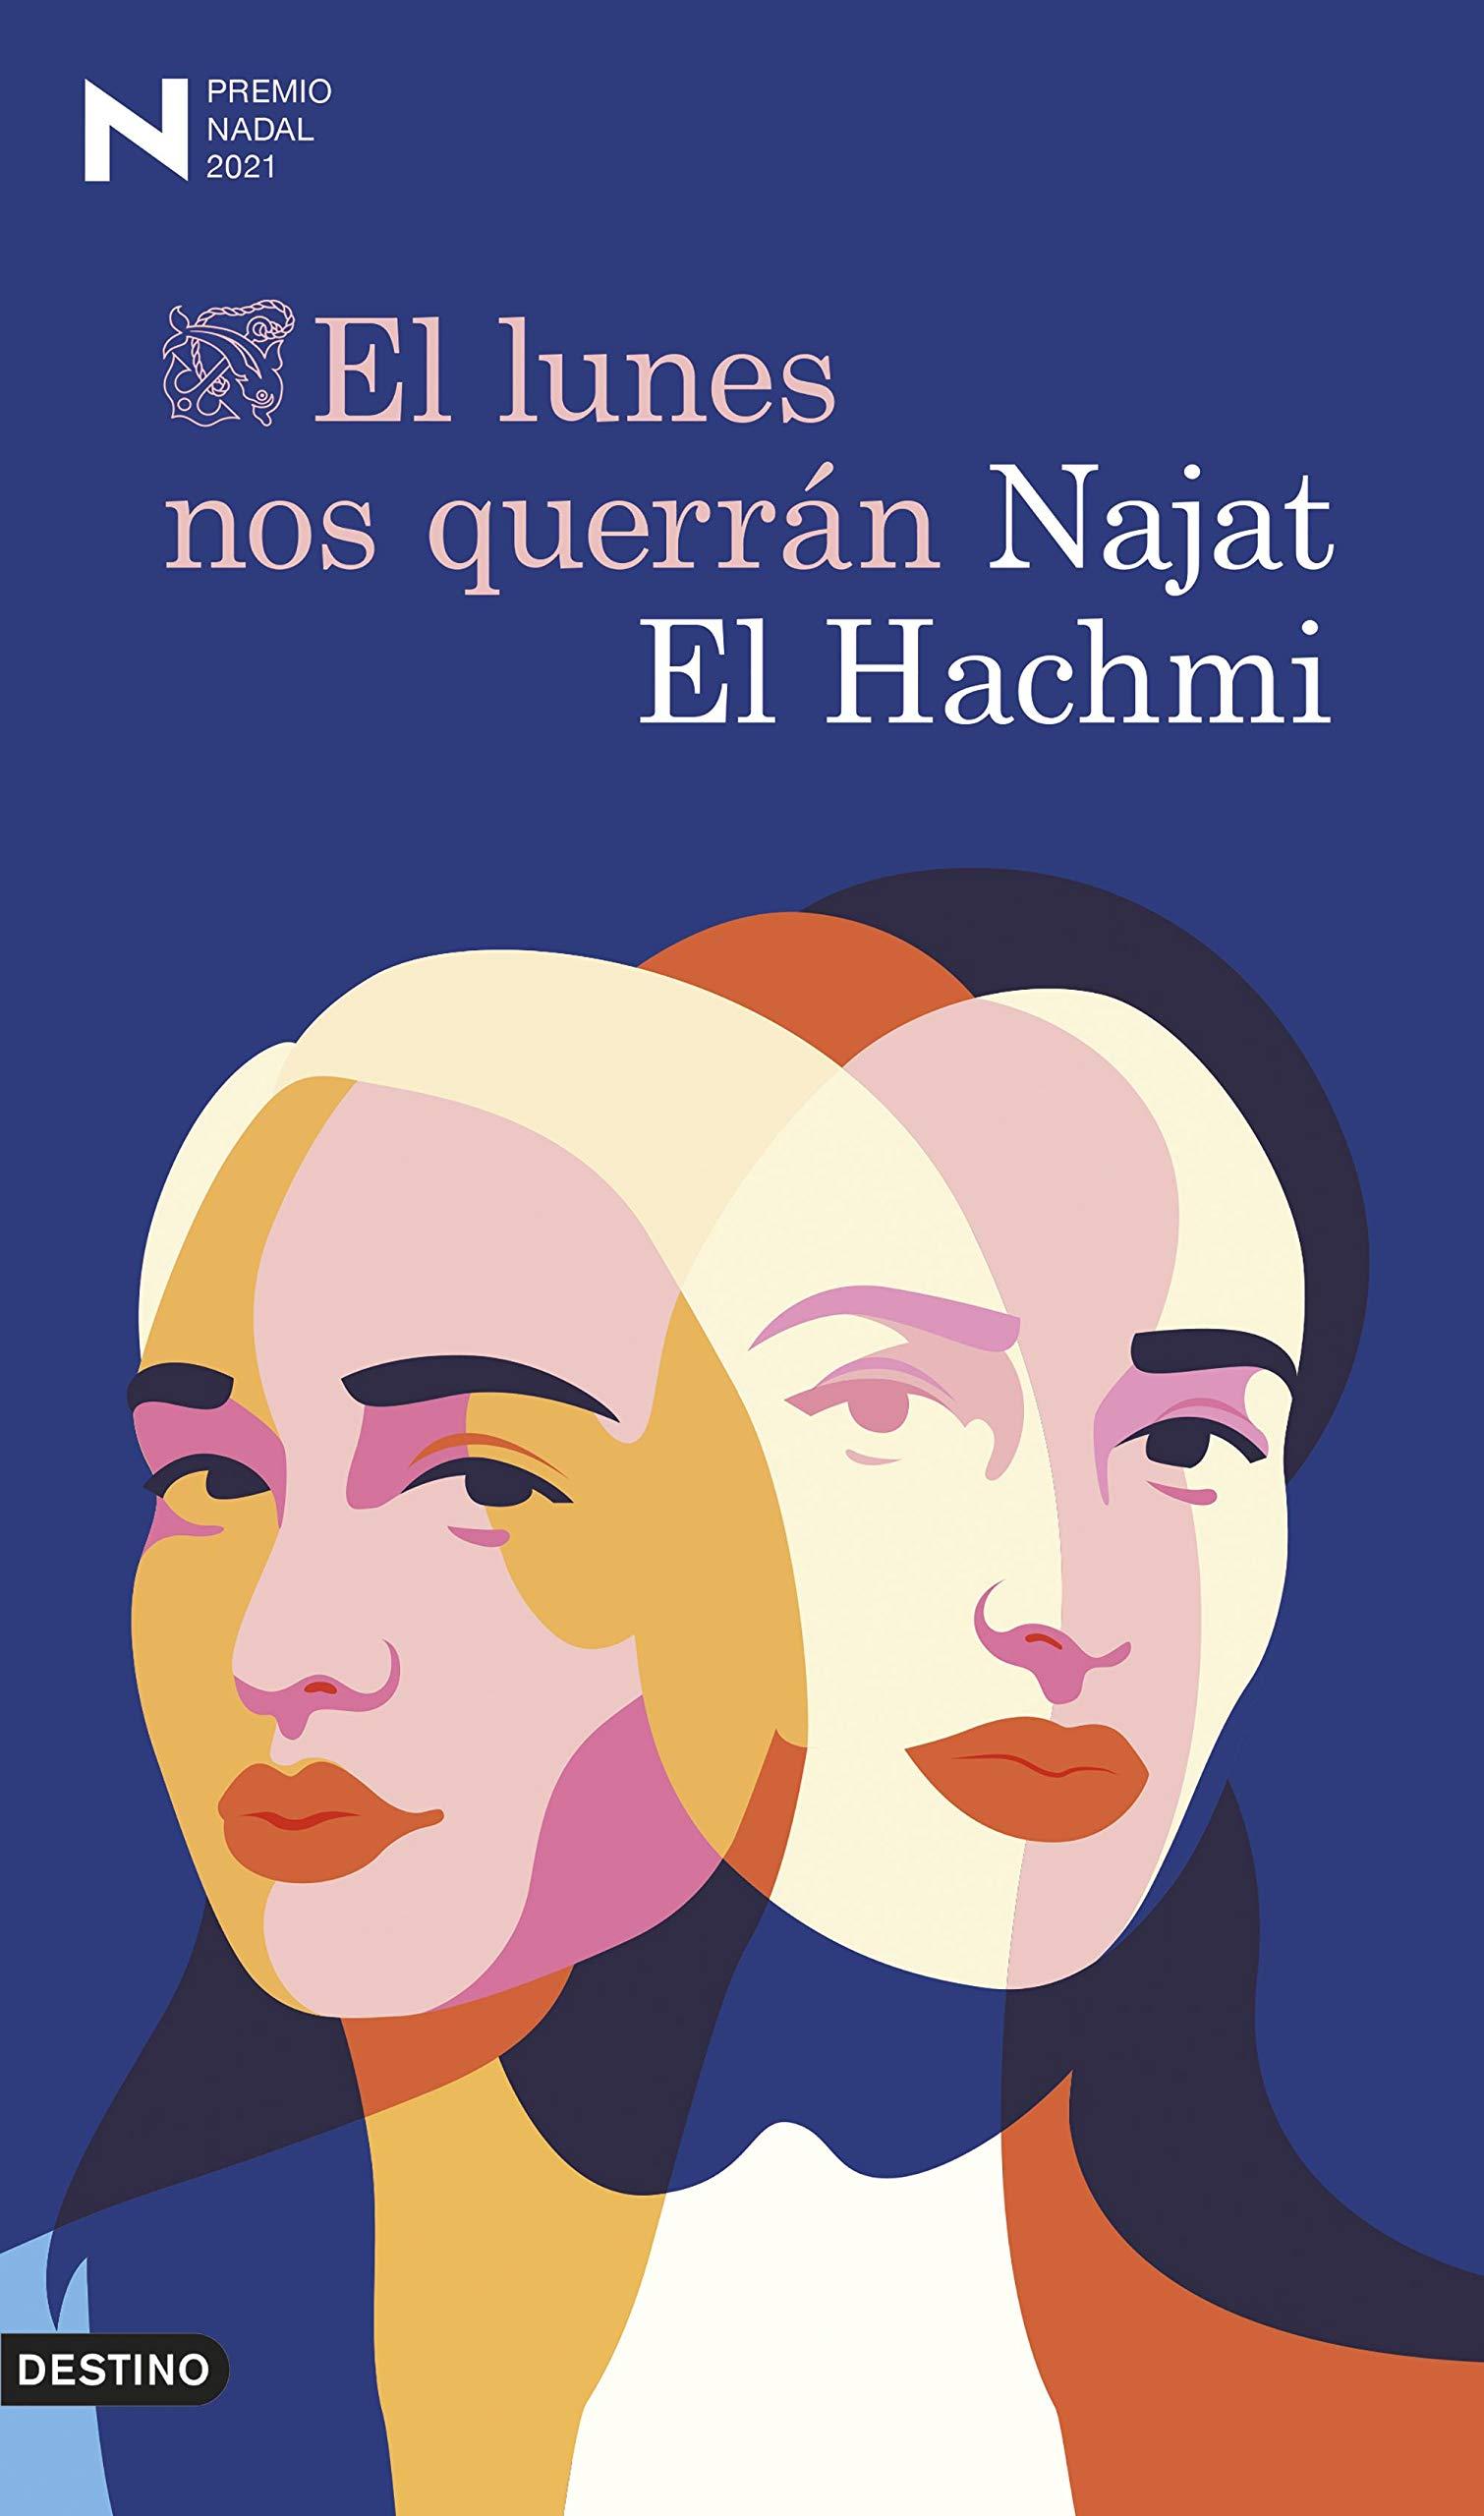 El lunes nos querrán, de Najat El Hachmi - Libros para el Día de la Mujer